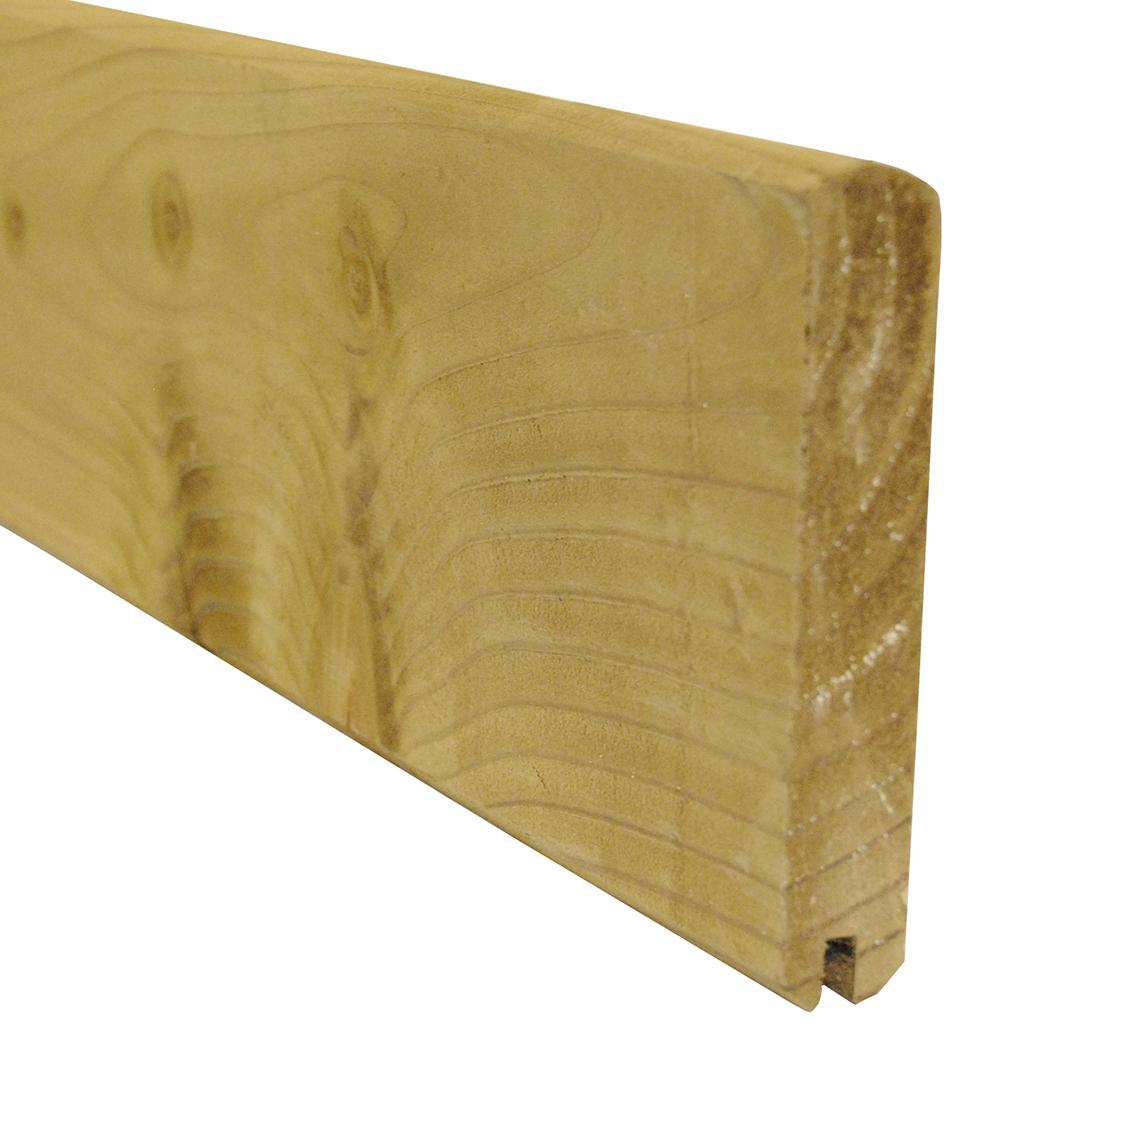 lame de finition cl ture droite 1 95 m en bois autoclave idea bois nicolas. Black Bedroom Furniture Sets. Home Design Ideas